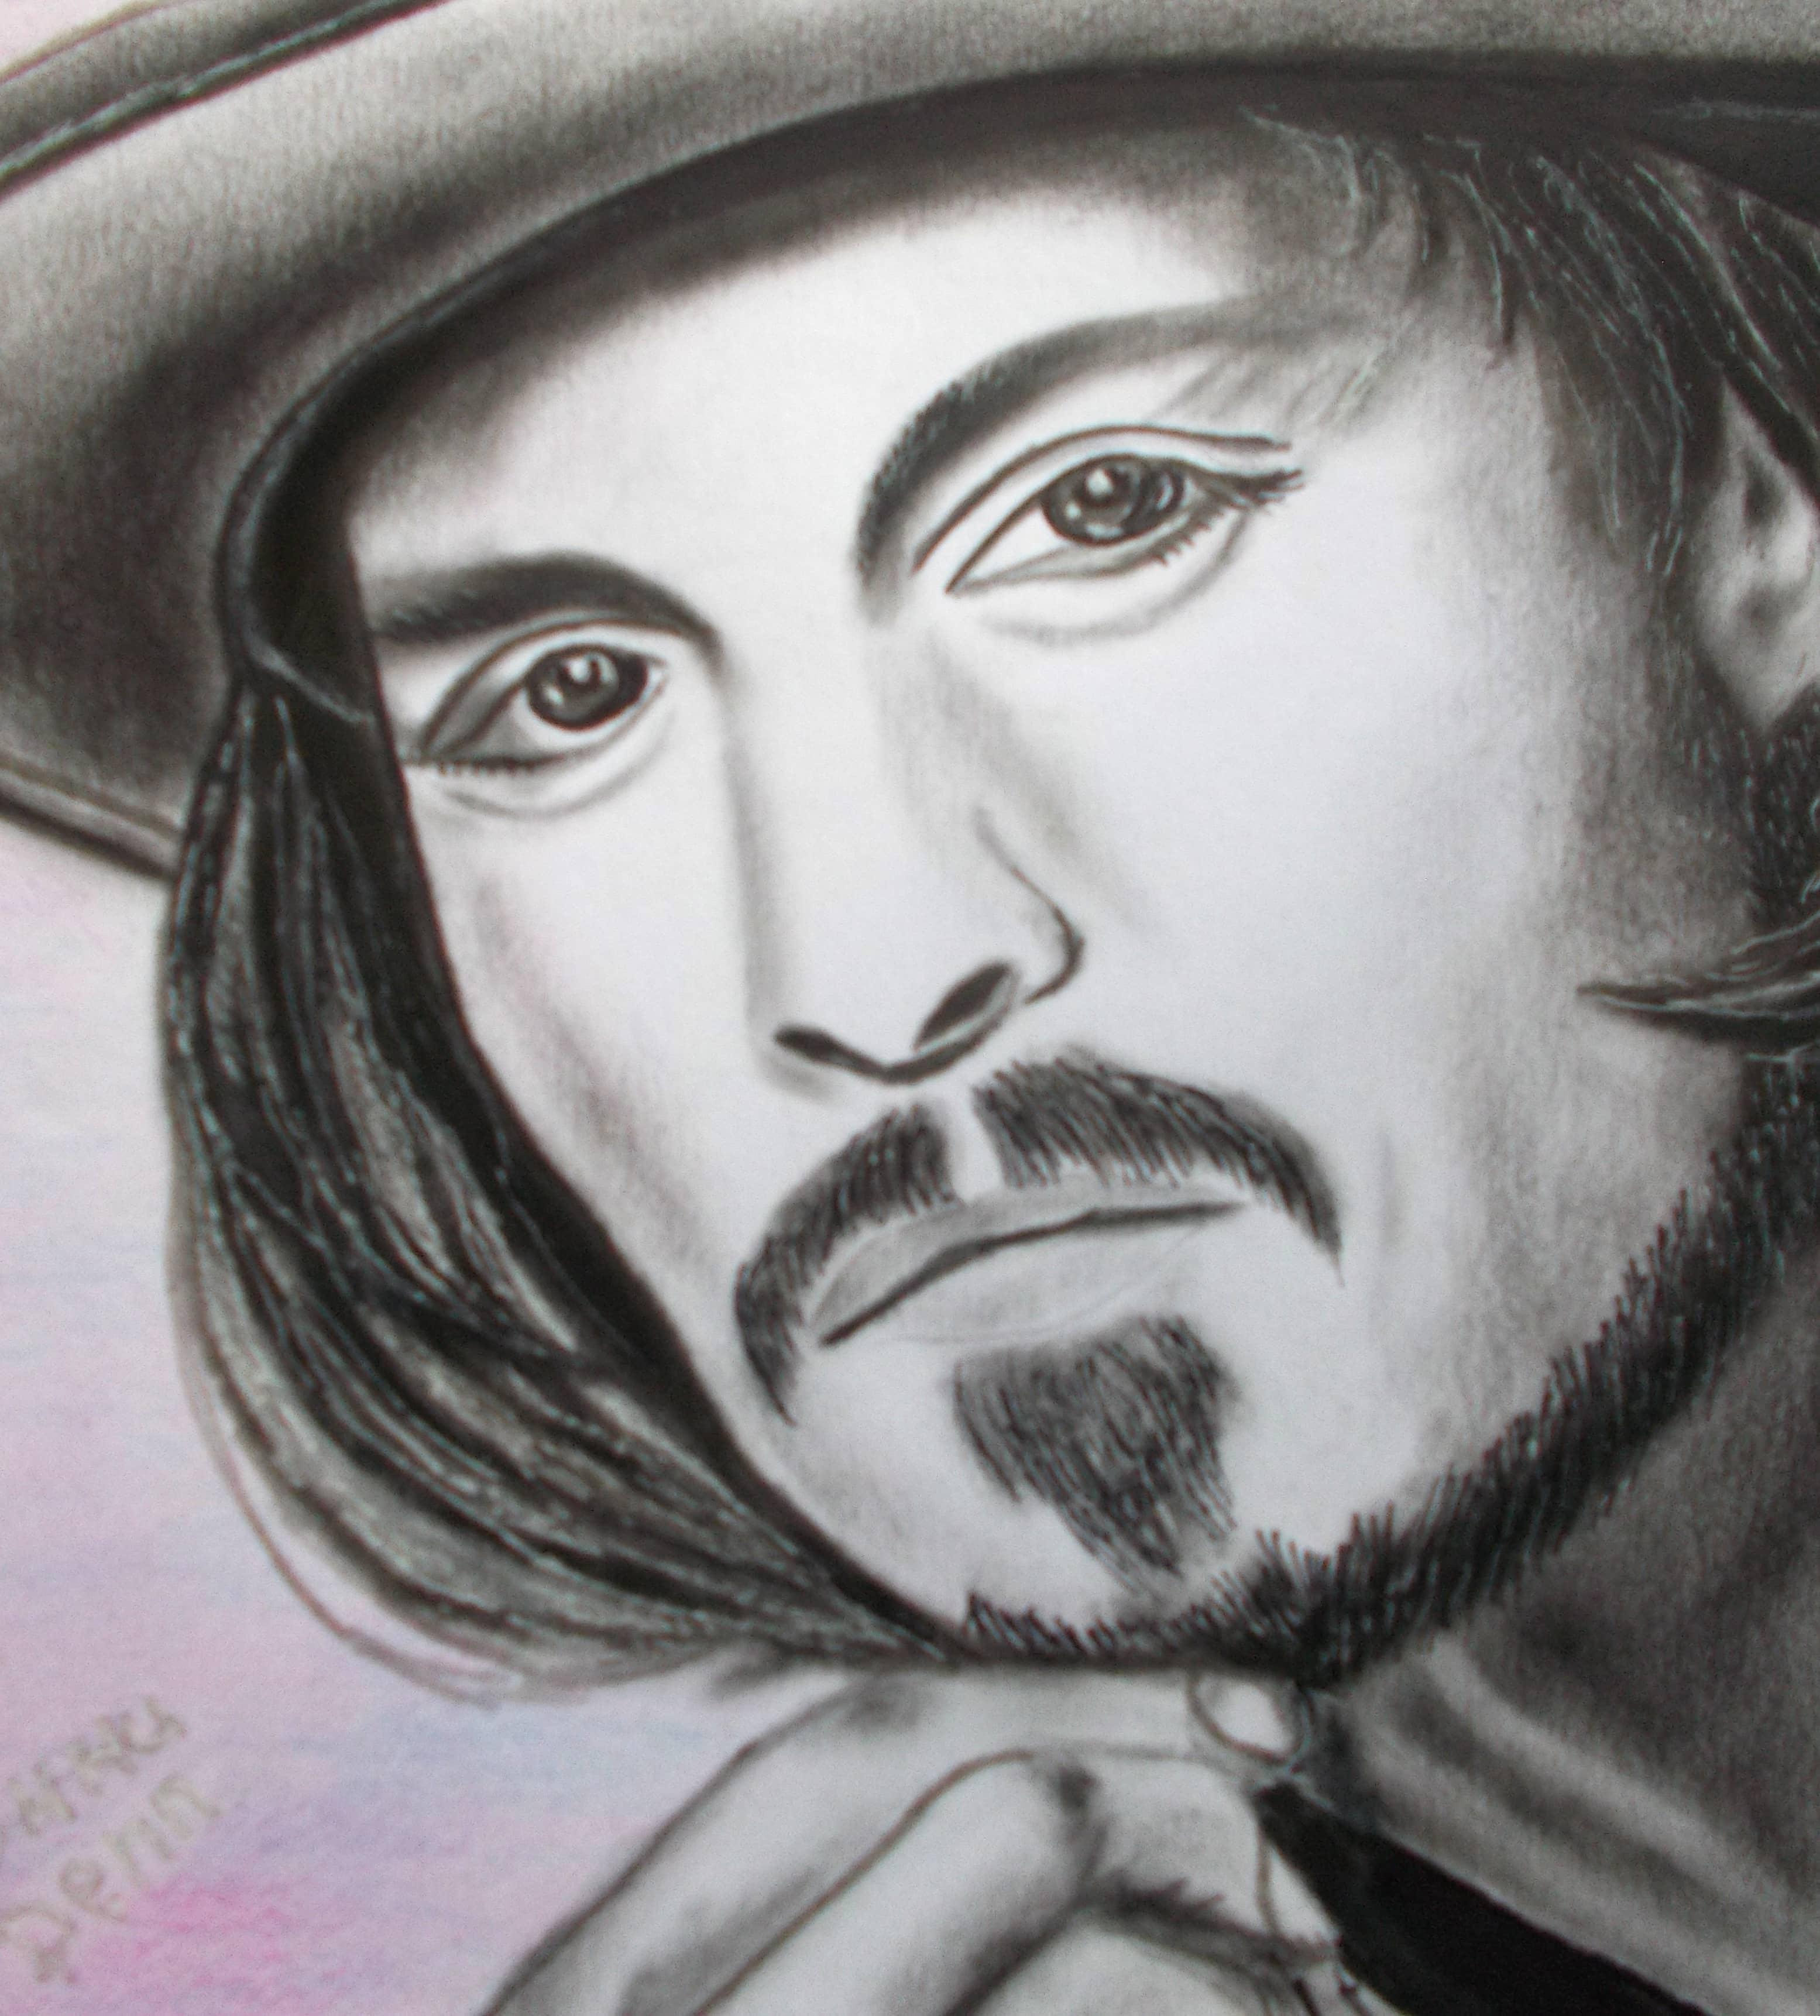 Портрет Джонни Деппа.